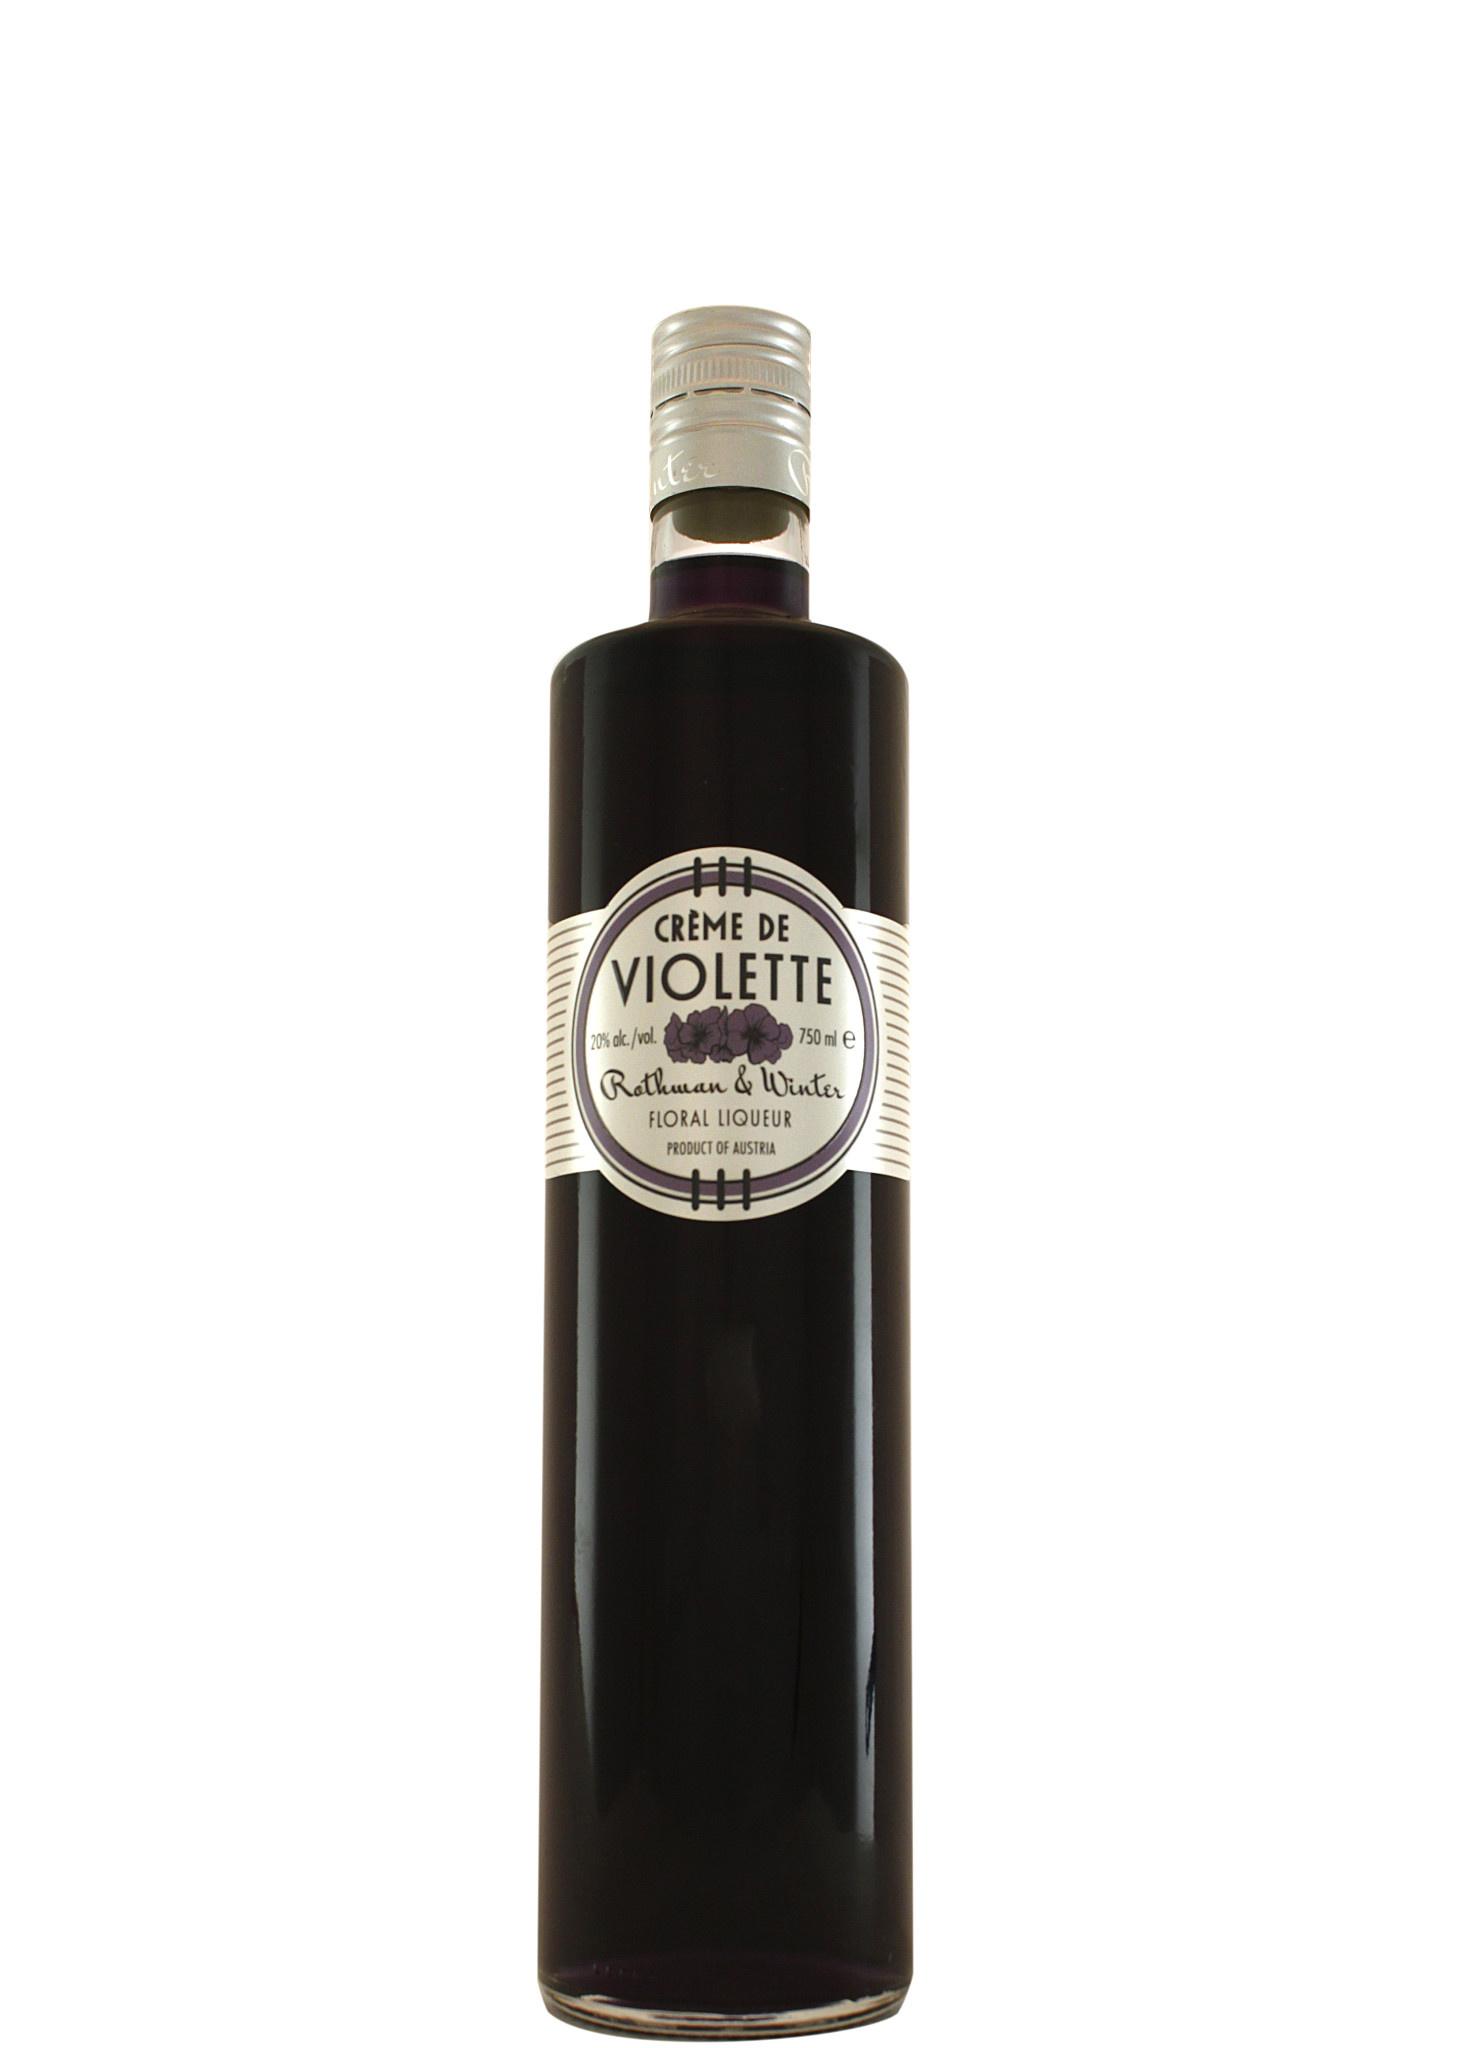 Rothman & Winter Creme de Violette Floral Liqueur